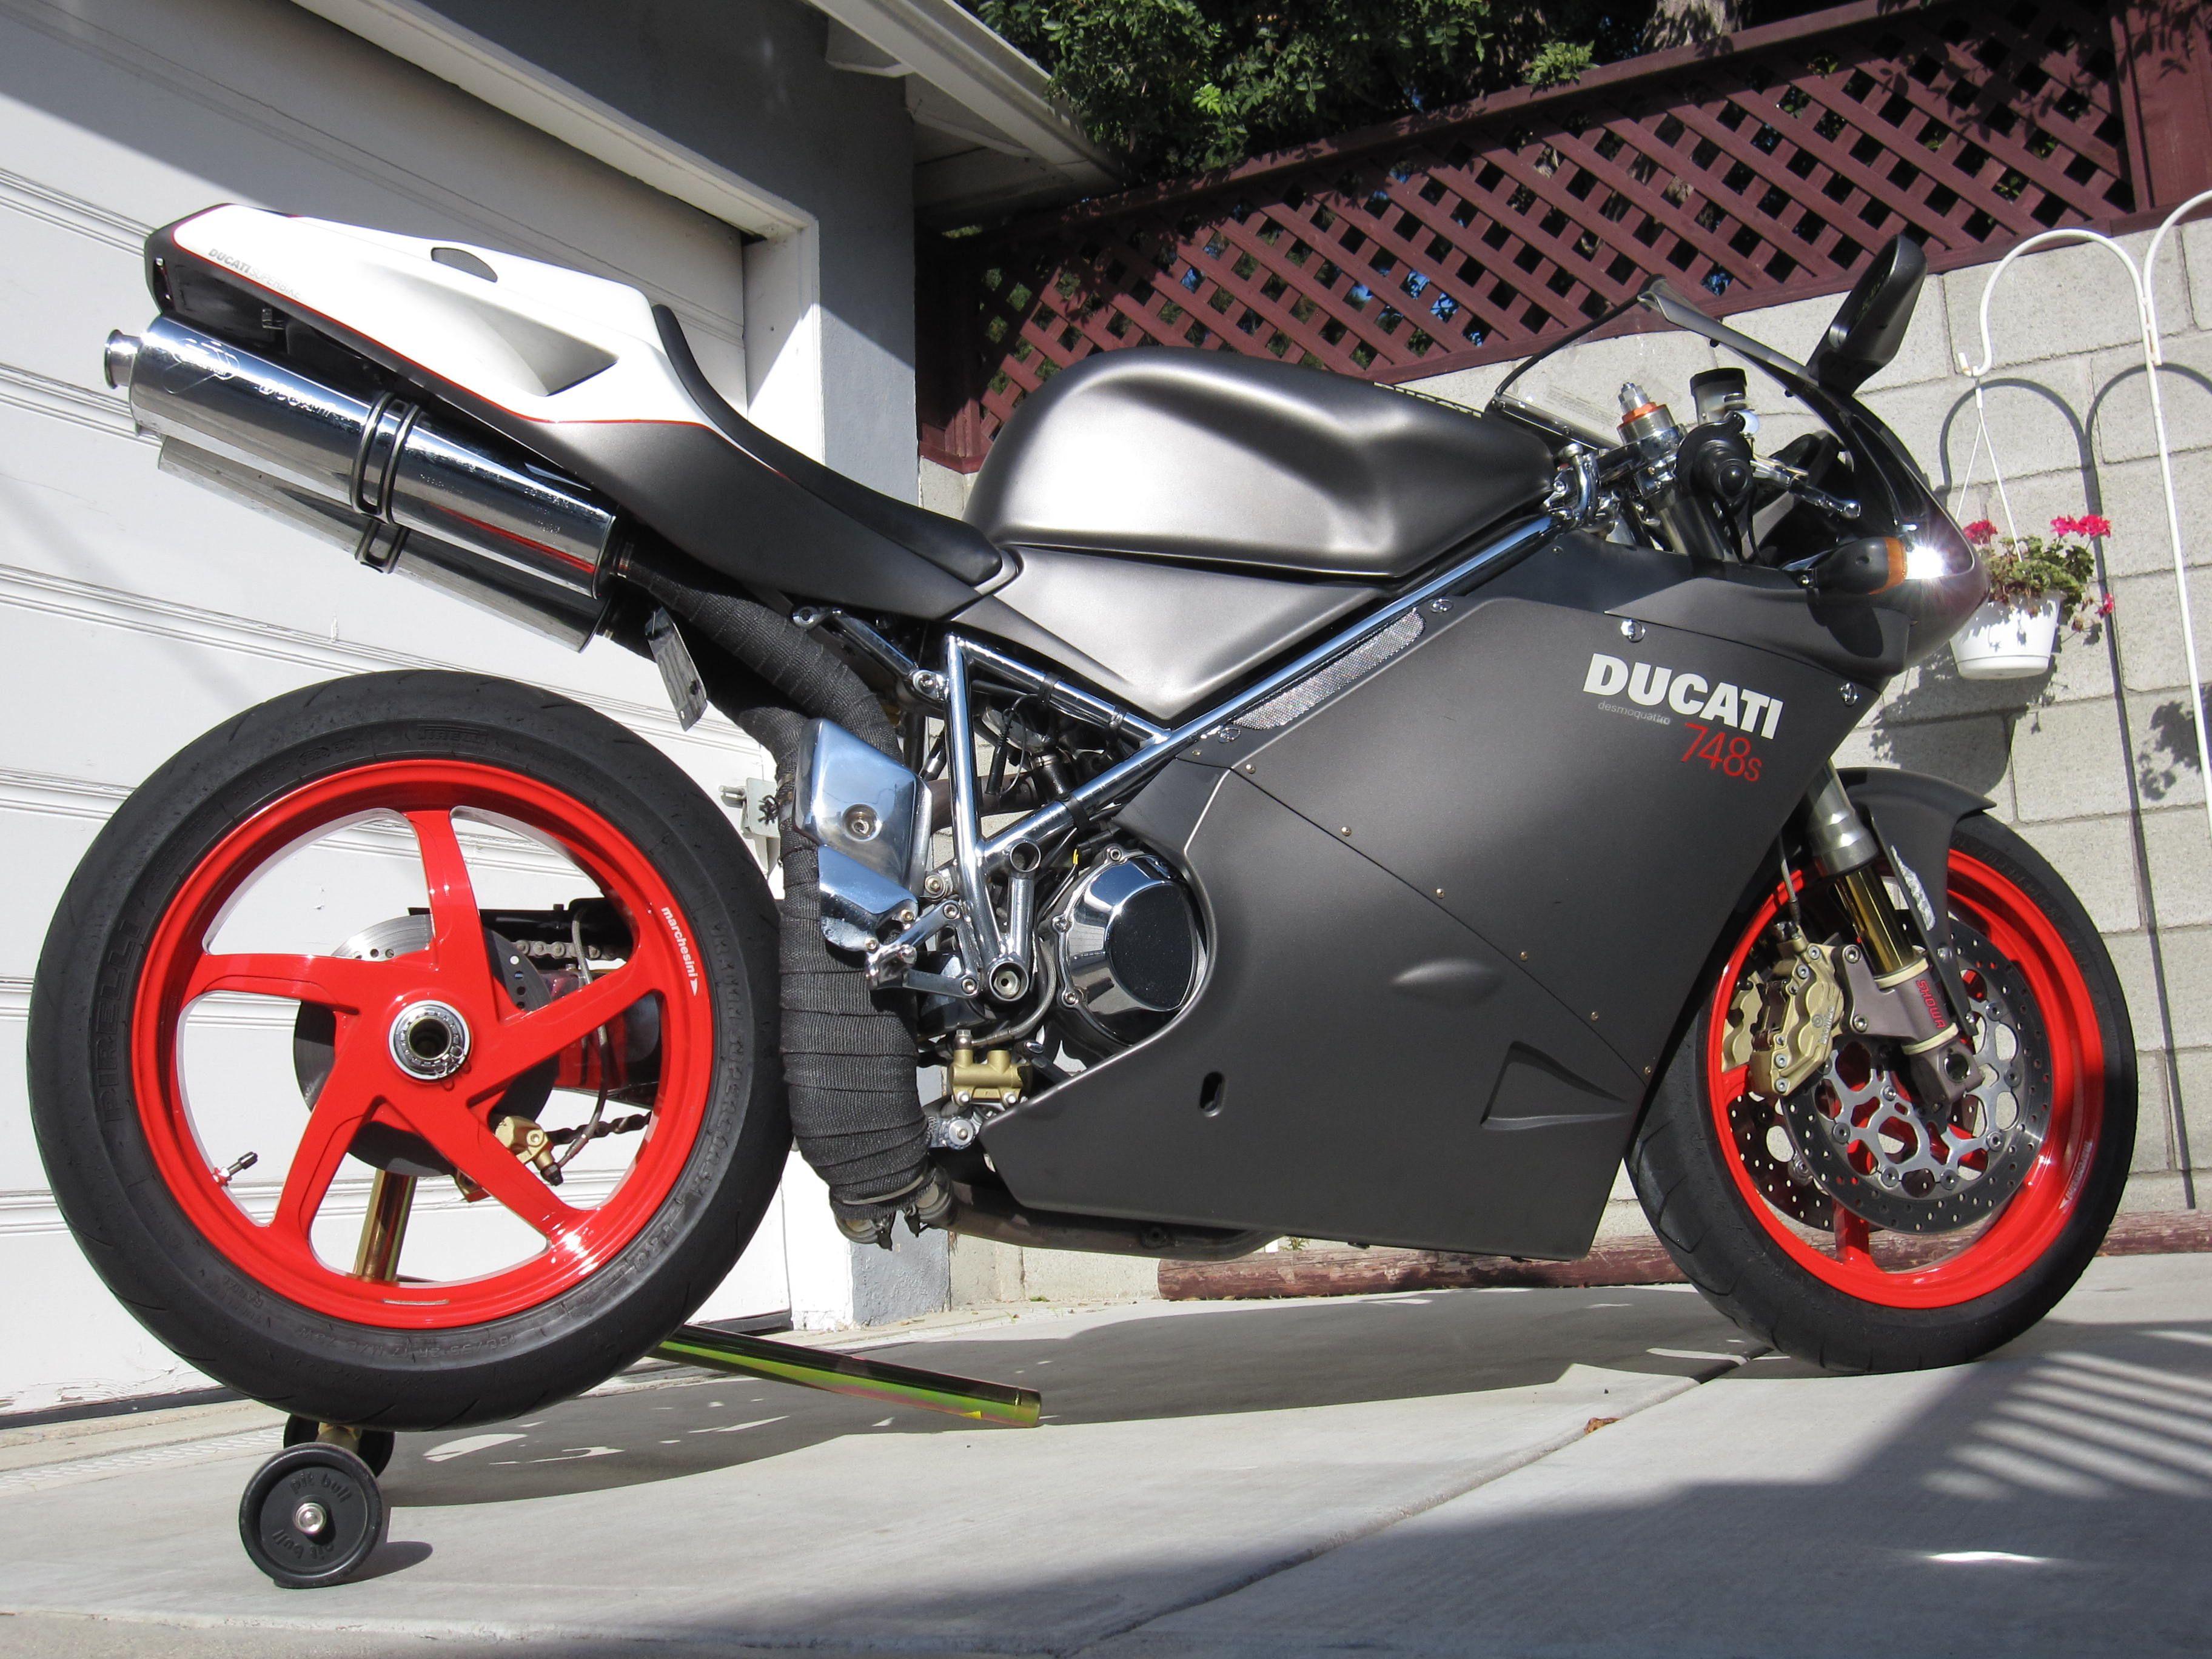 Ducati 748 Senna Ducati 748 Ducati Ducati Motorbike